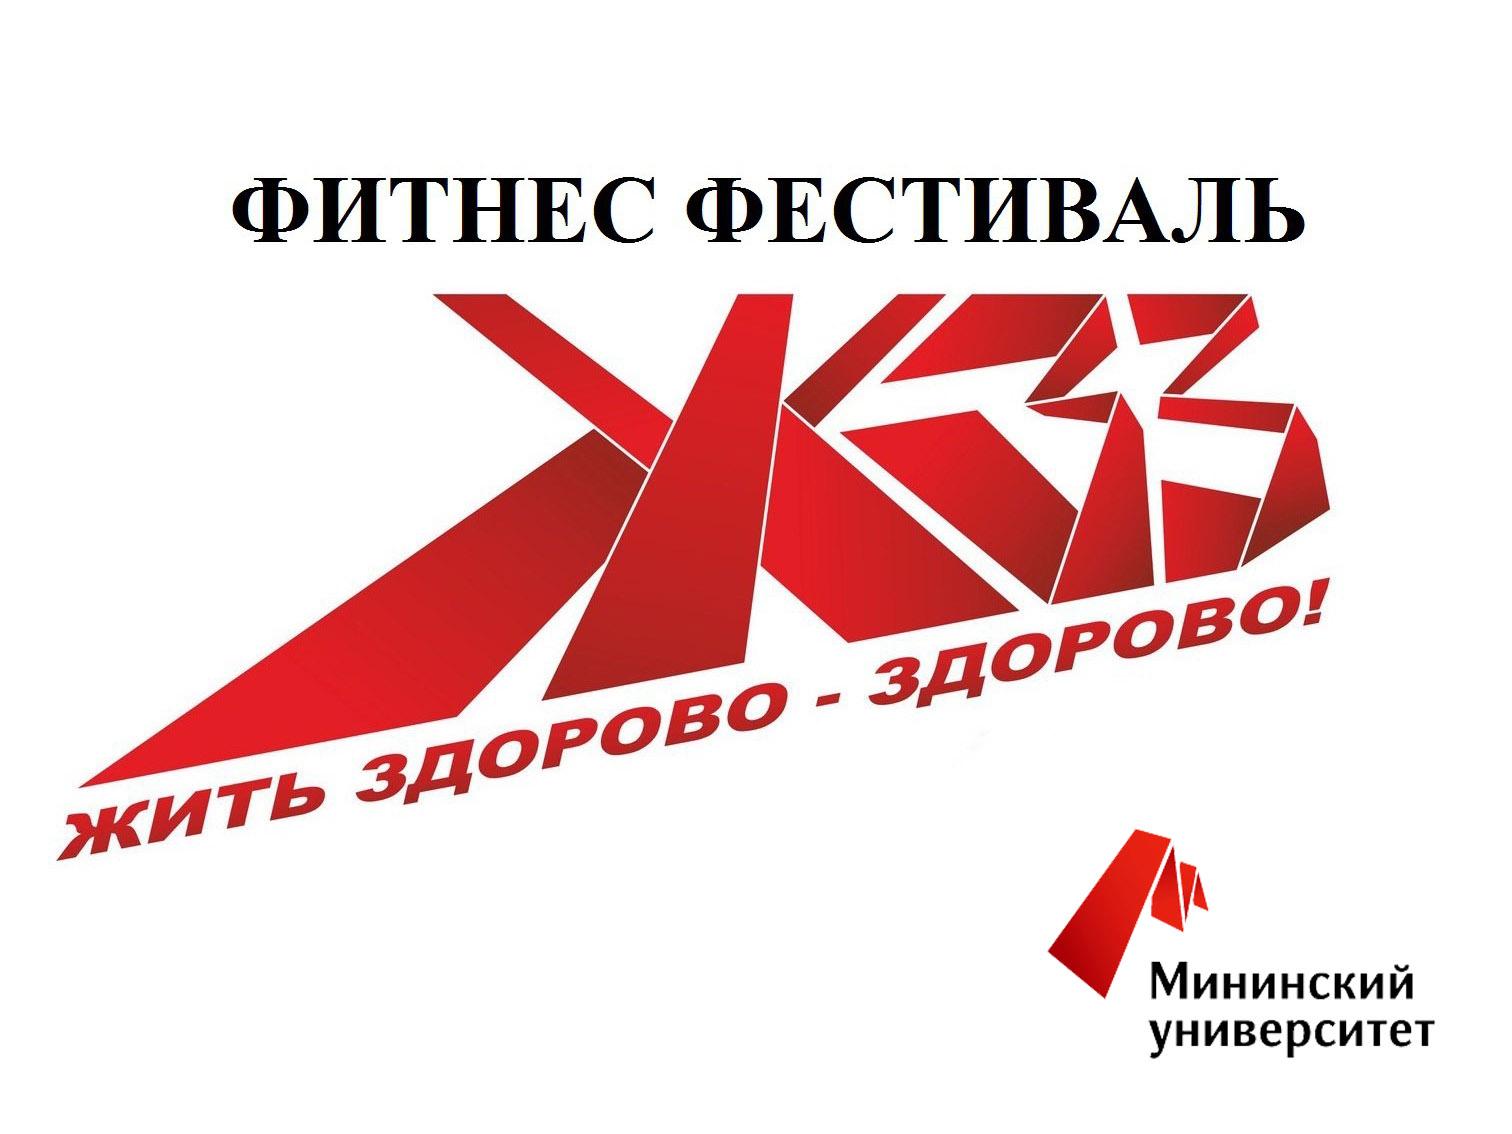 На факультете физической культуры и спорта пройдёт открытый спортивный фитнес-фестиваль «Жить здорОво – здорово!»